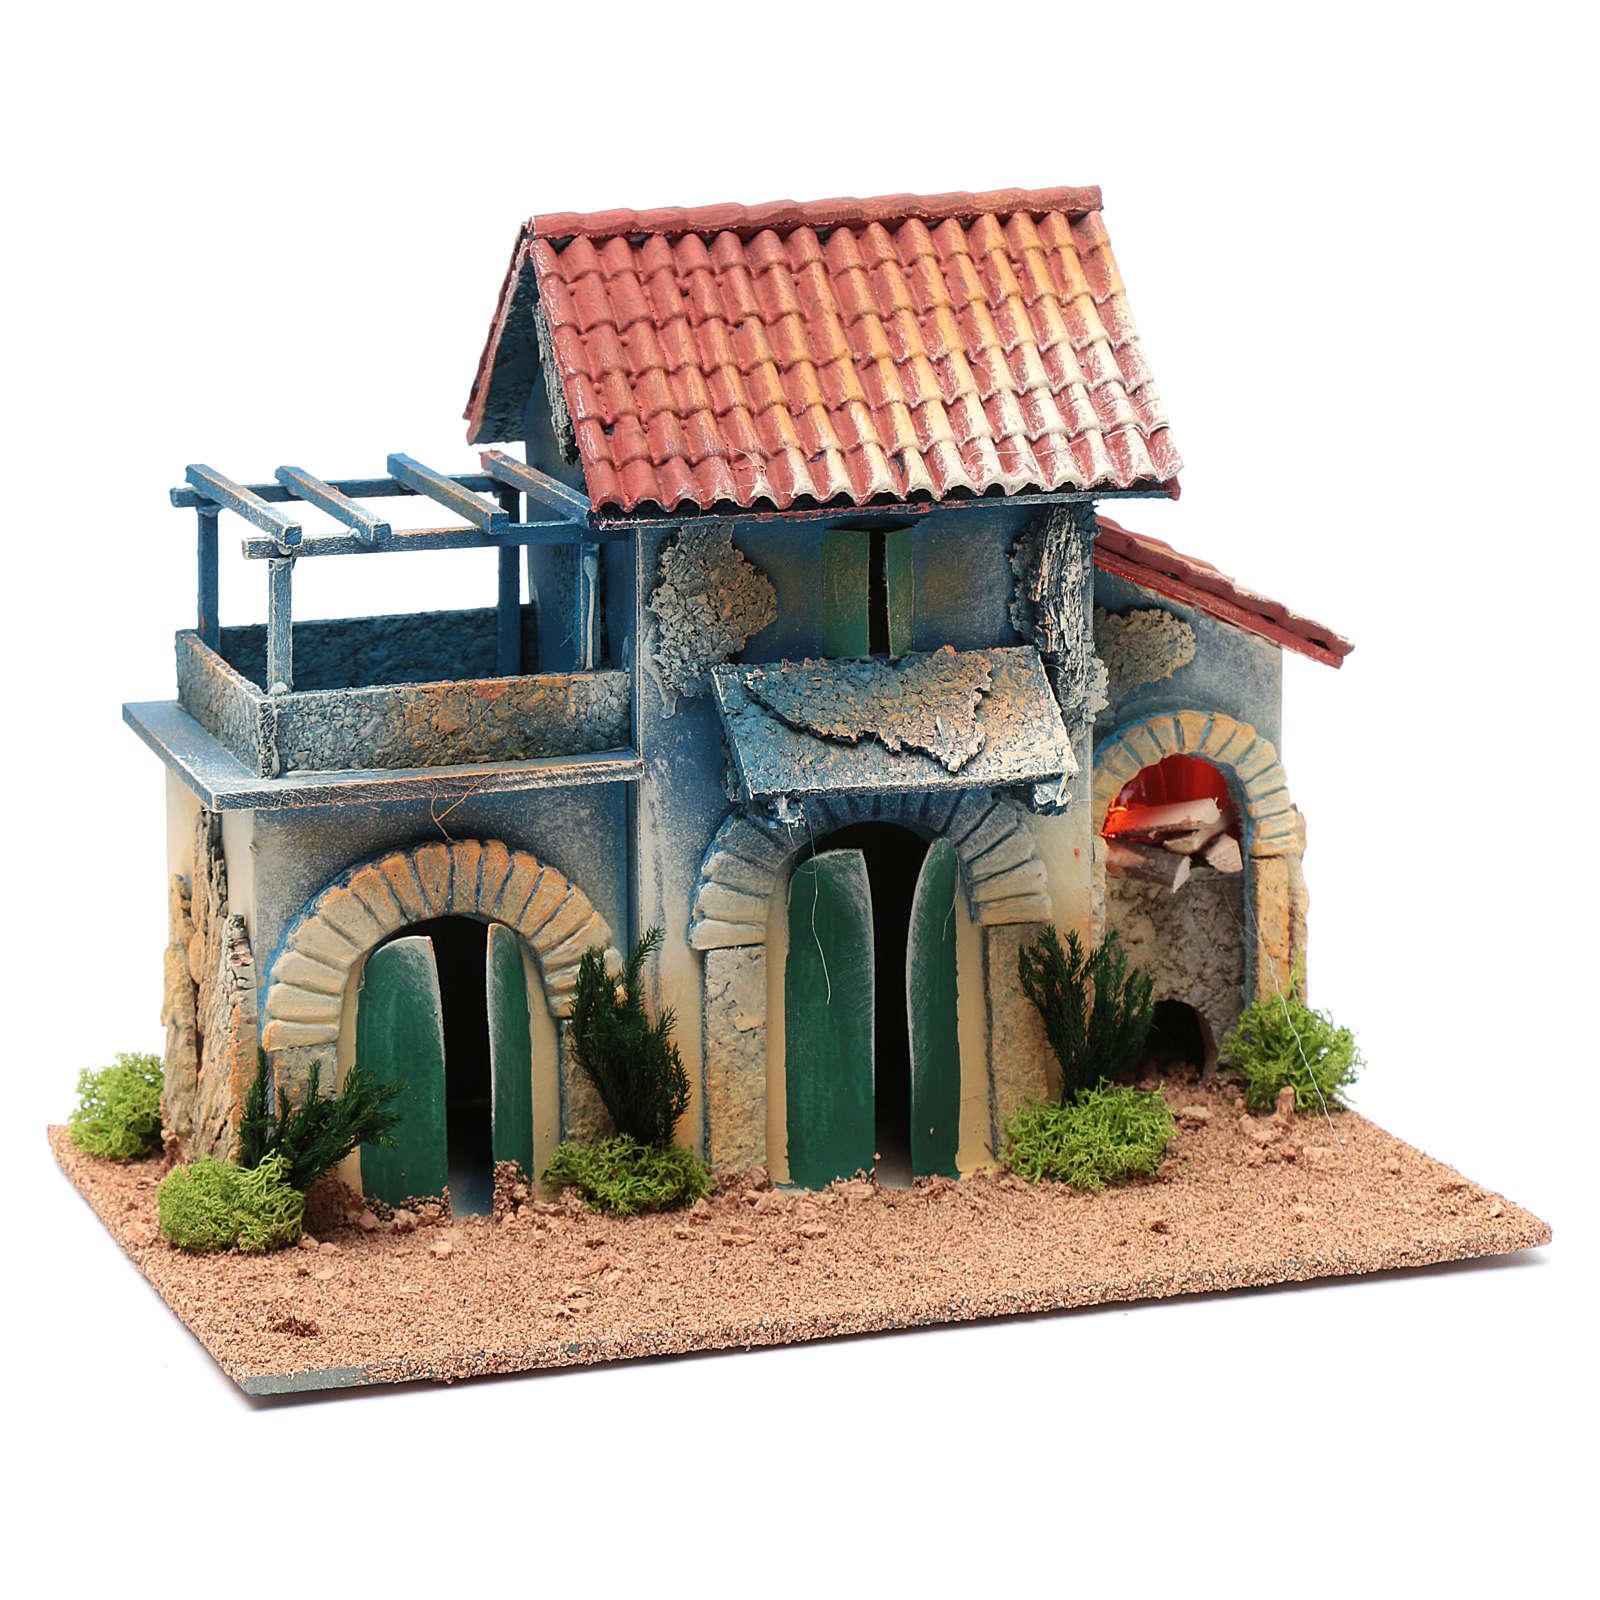 Décor cheminée éclairage et terrasse 22,5x30x20 cm 4